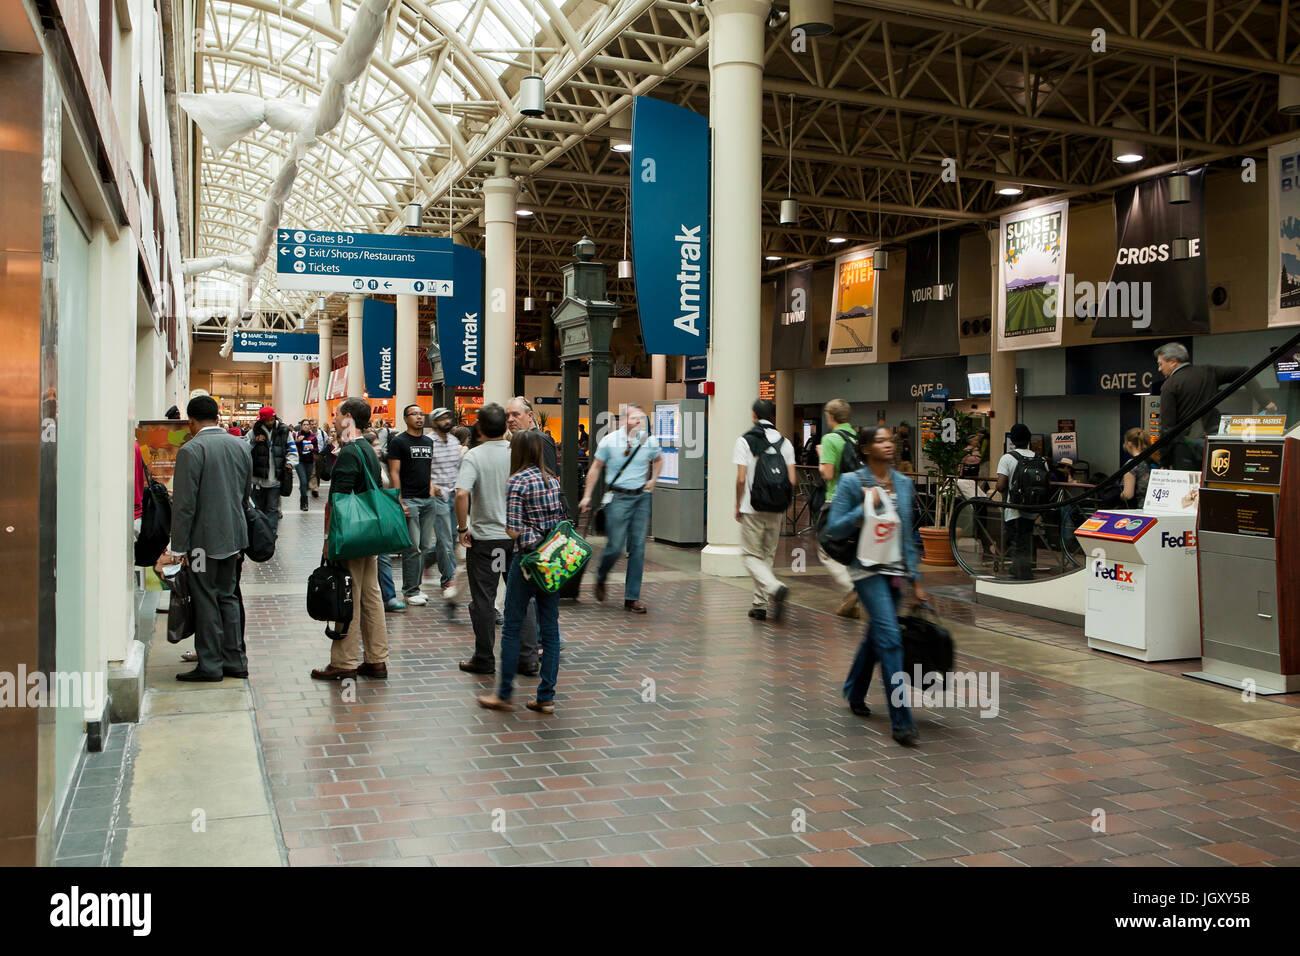 Travelers walking through Amtrak station at Union Station - Washington, DC USA - Stock Image